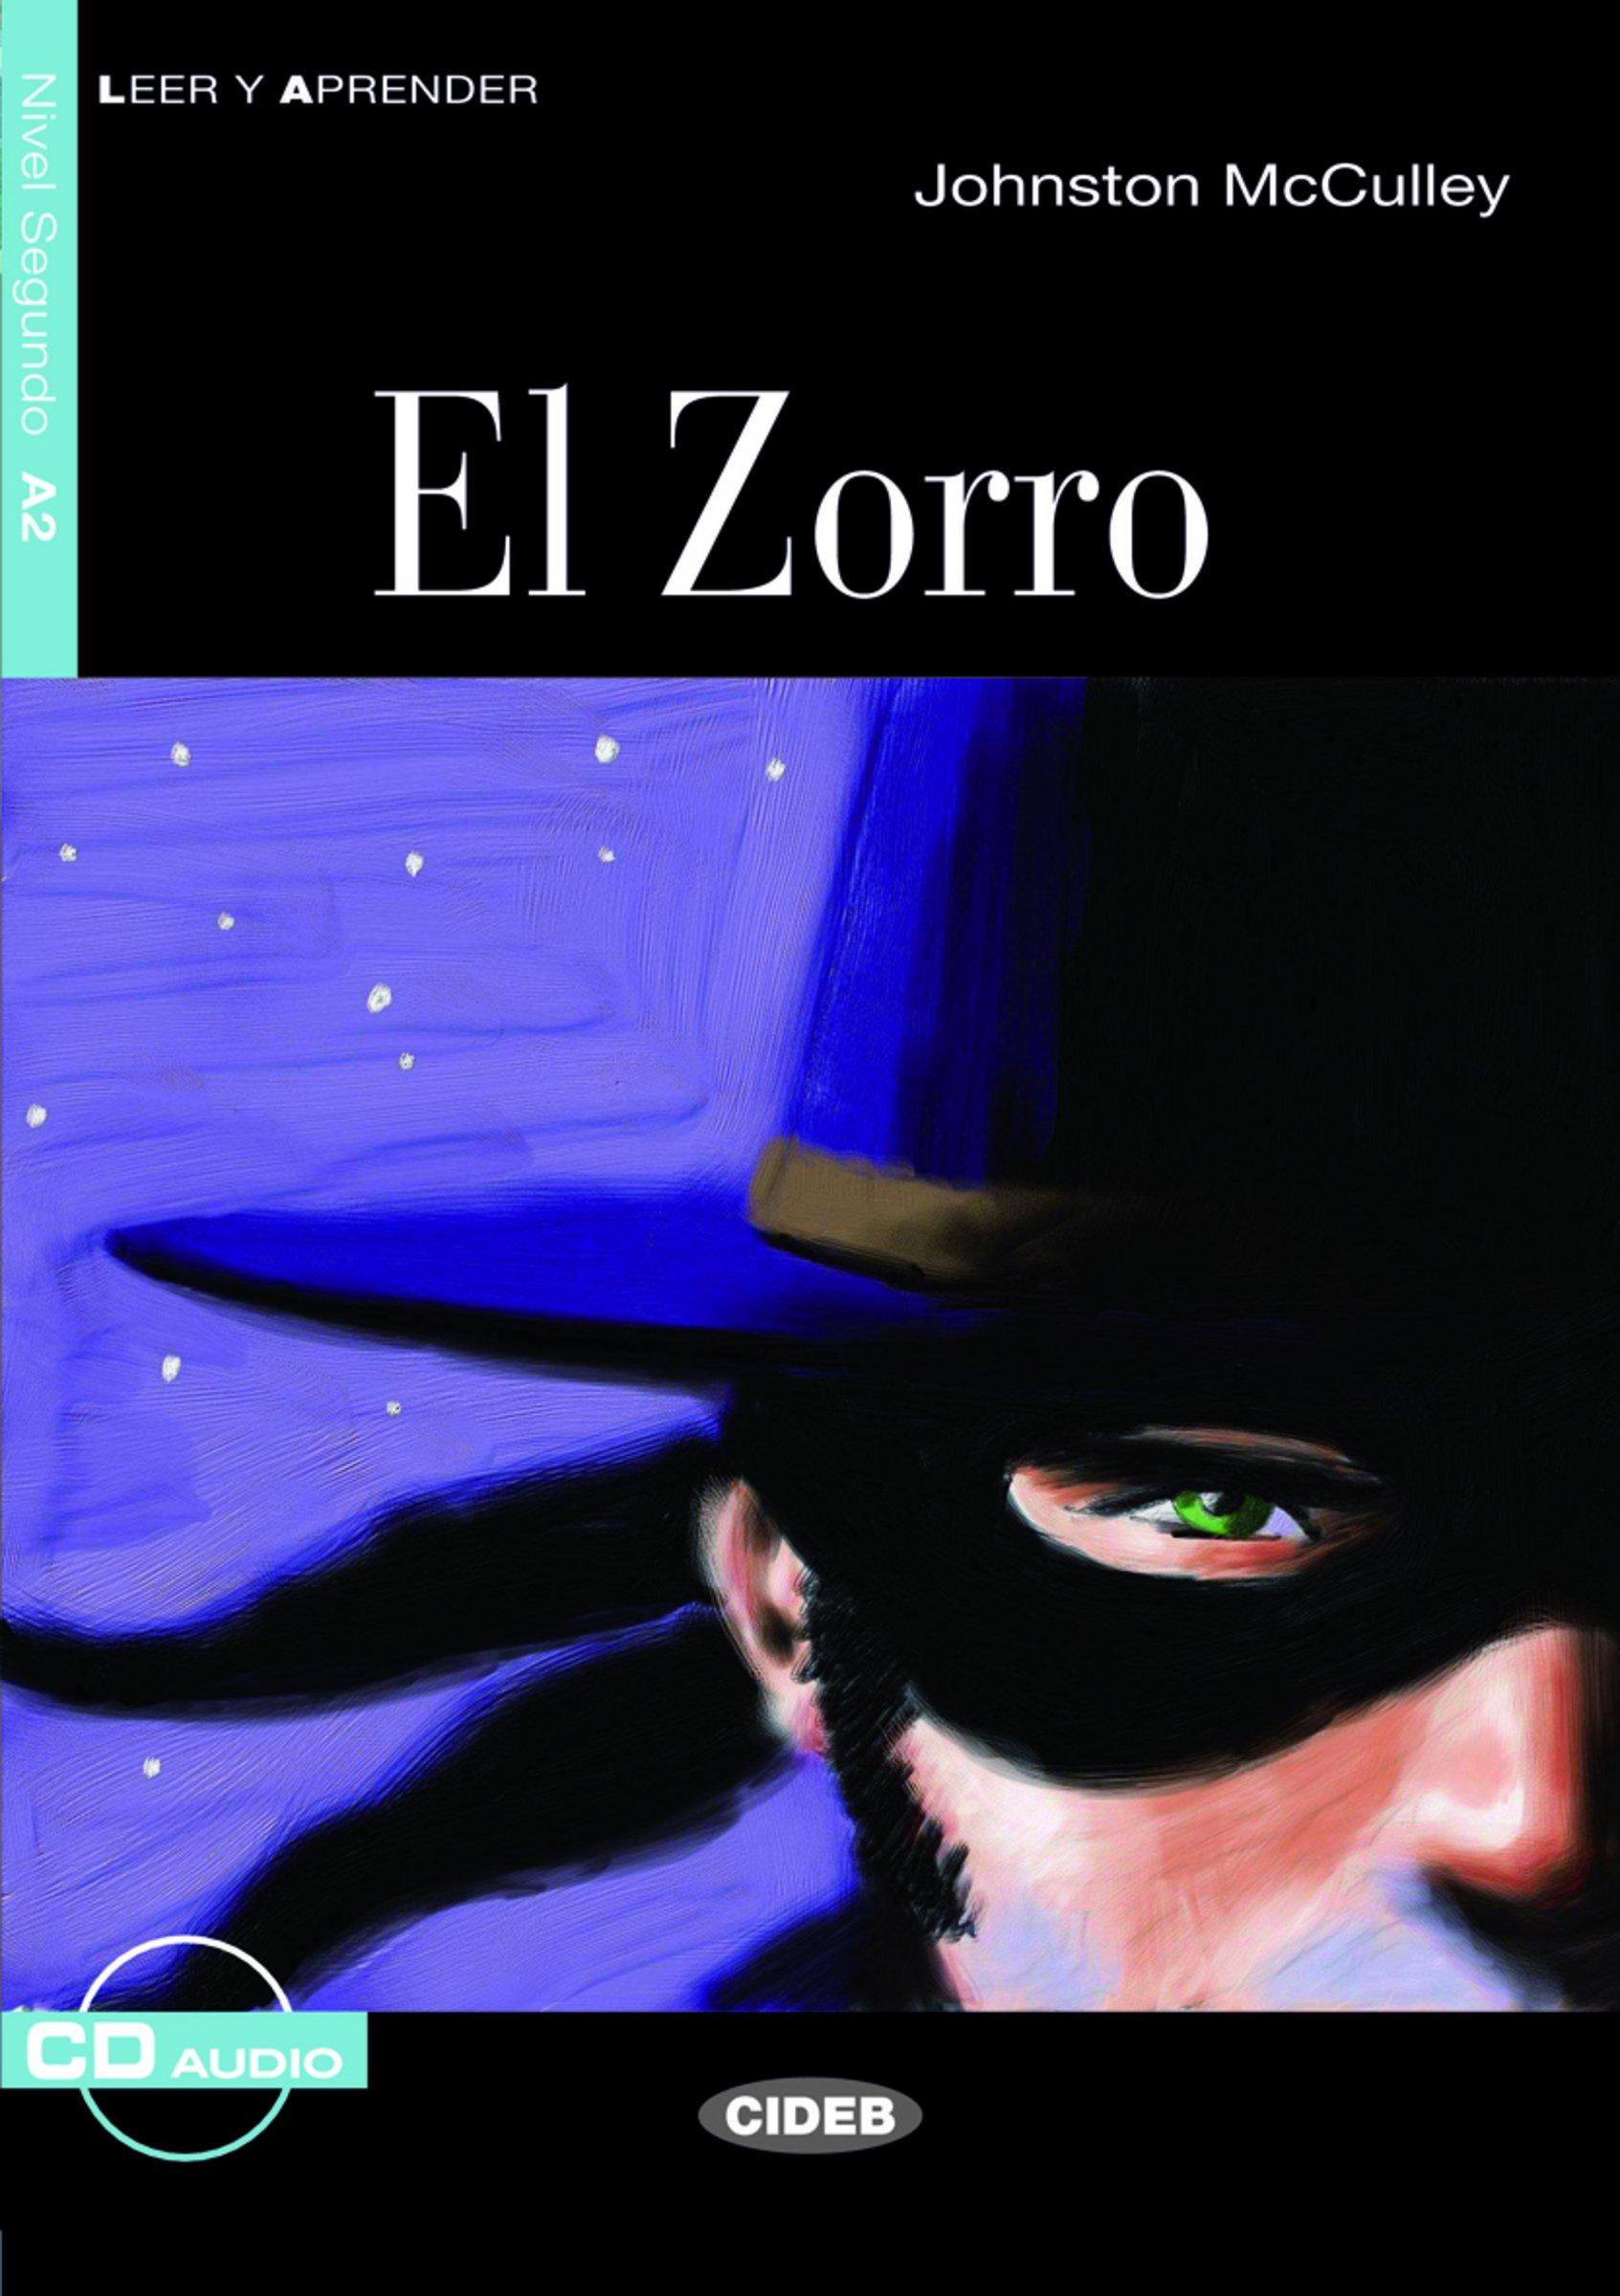 El Zorro - Buch mit Audio-CD (Leer y Aprender)